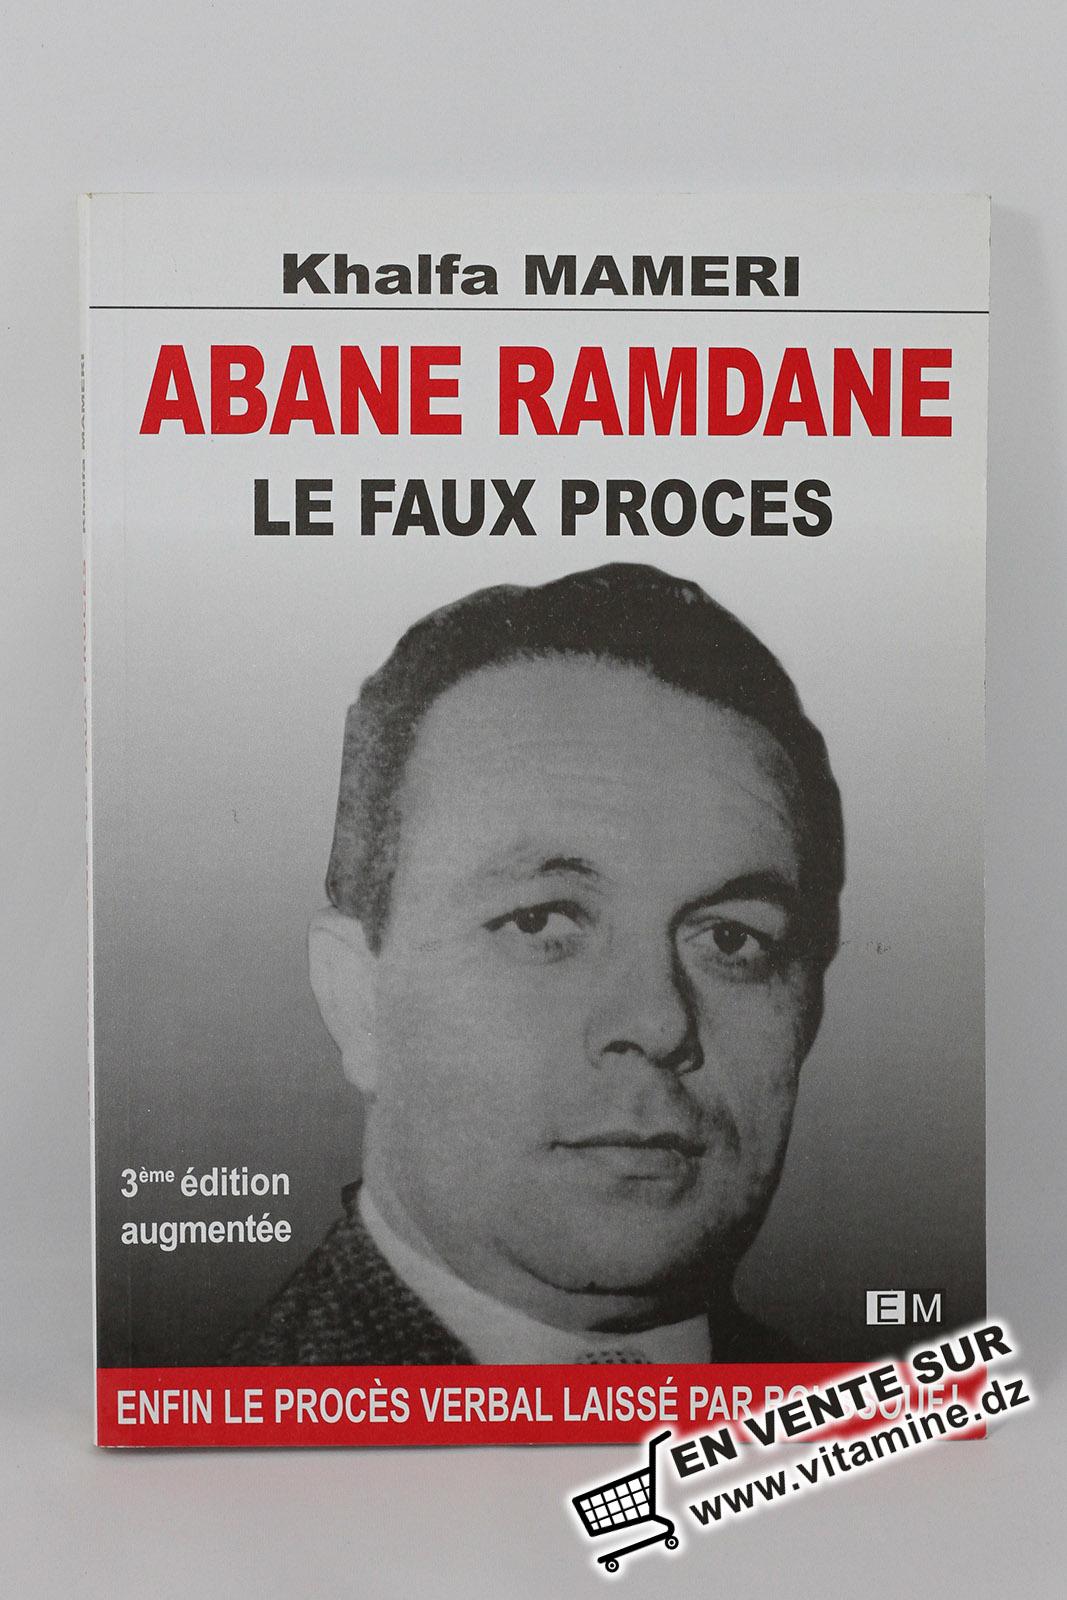 Khalfa MAMERI - ABANE RAMDANE, Le faux procès